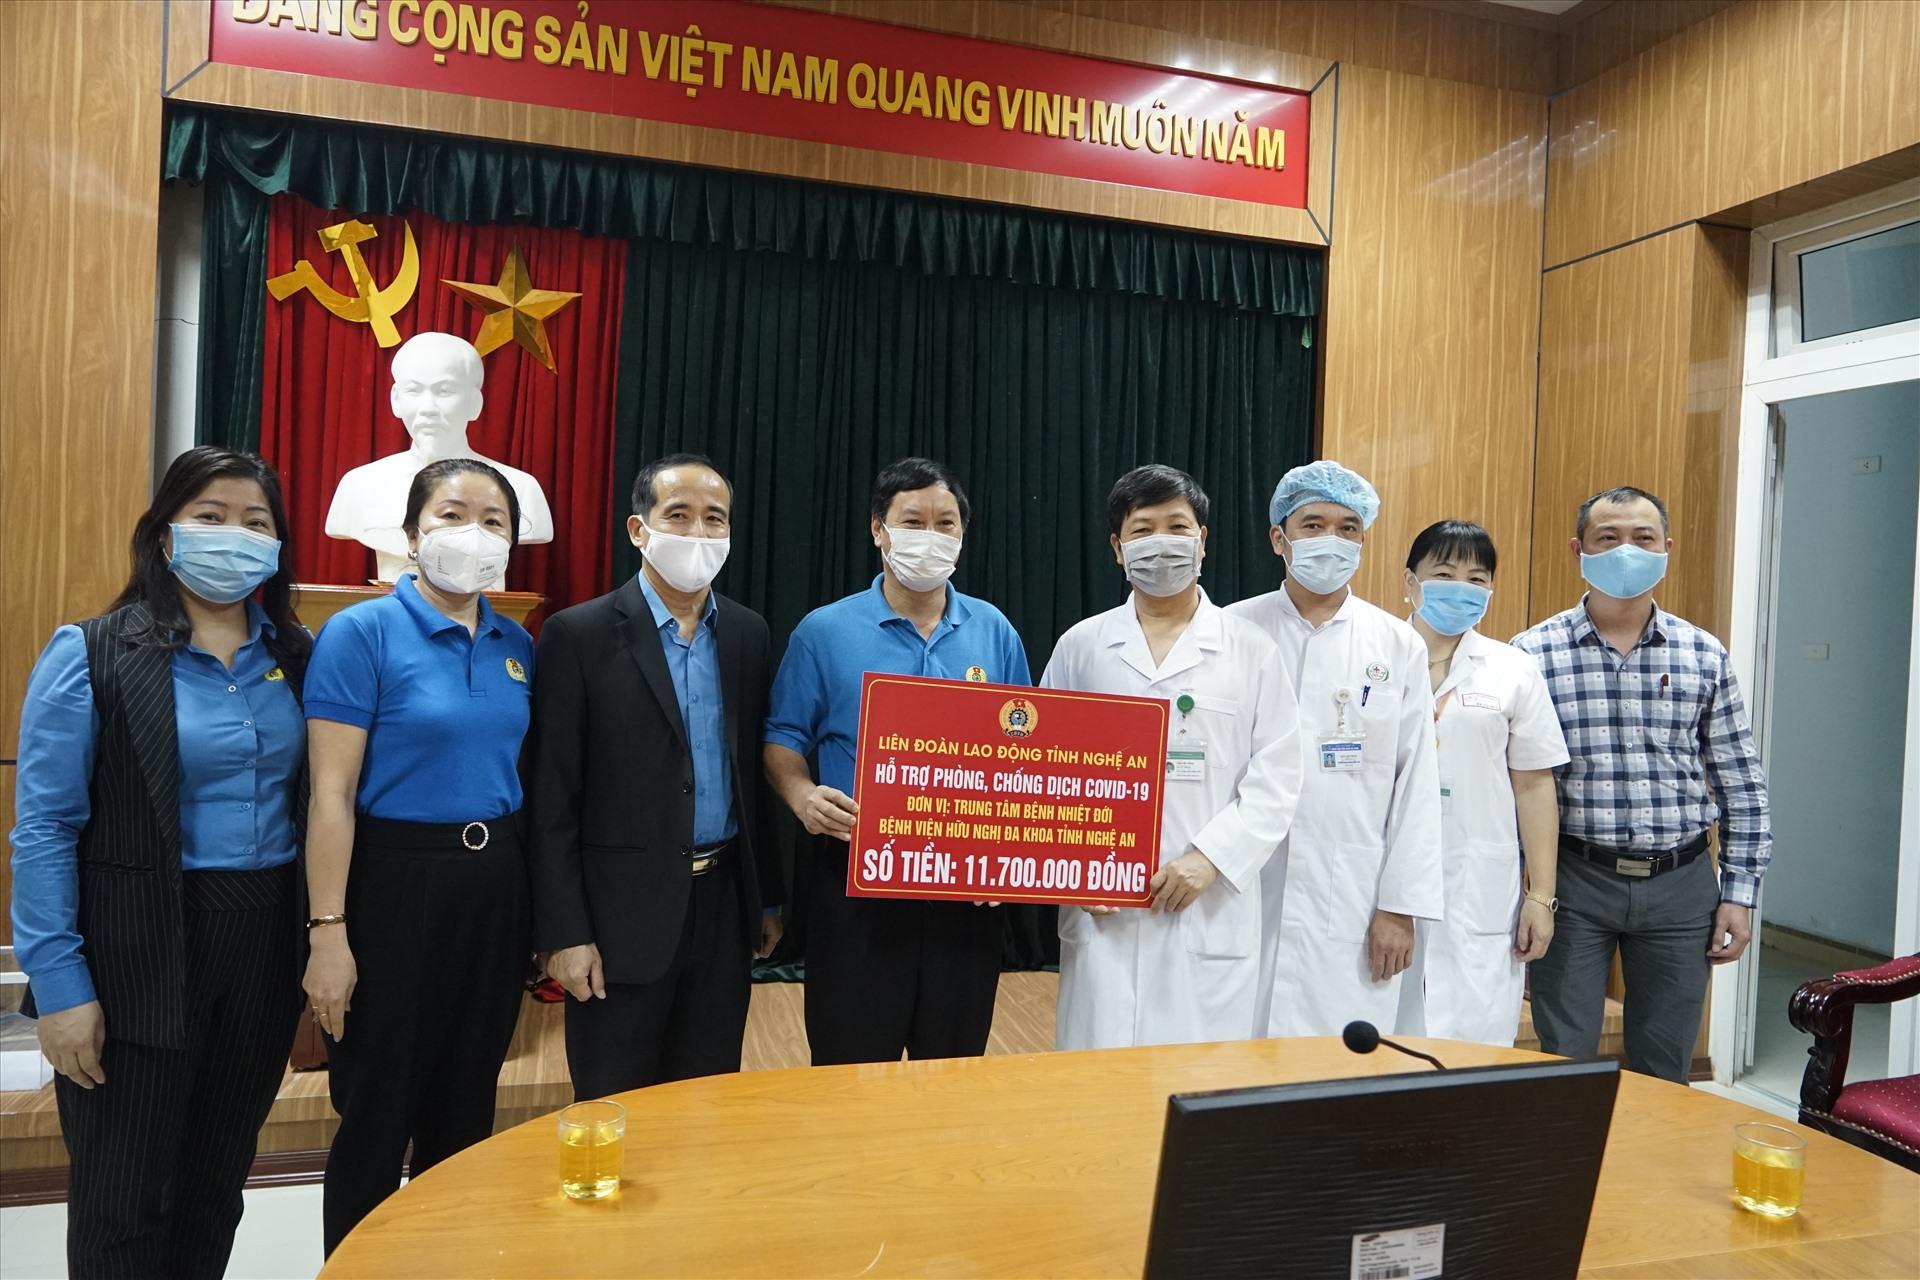 LĐLĐ tỉnh Nghệ An trao quà hỗ trợ Trung tâm Bệnh nhiệt đới - Bệnh viện Hữu nghị đa khoa Nghệ An. Ảnh: QĐ